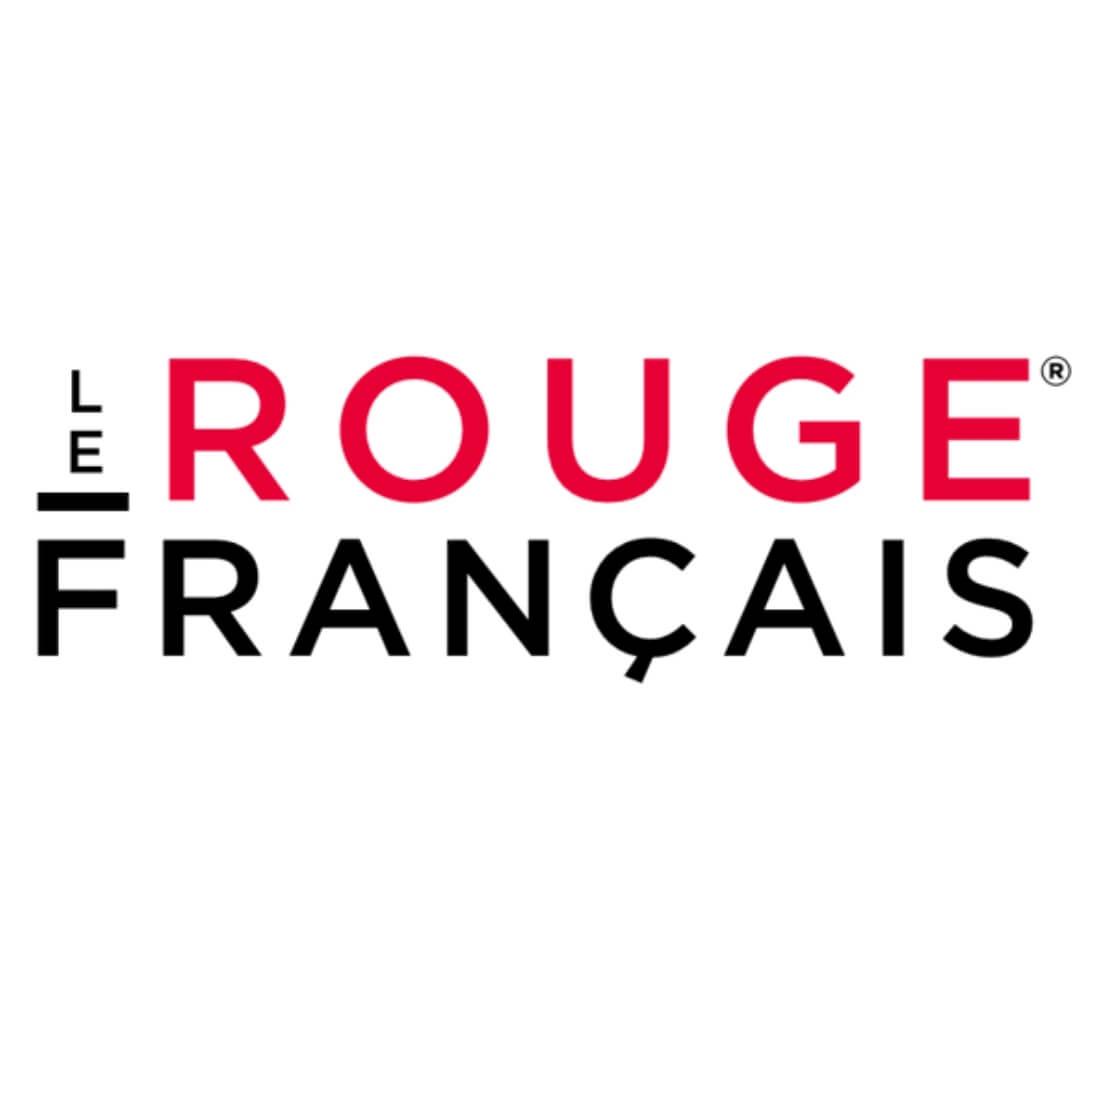 Le Rouge Francais Logo